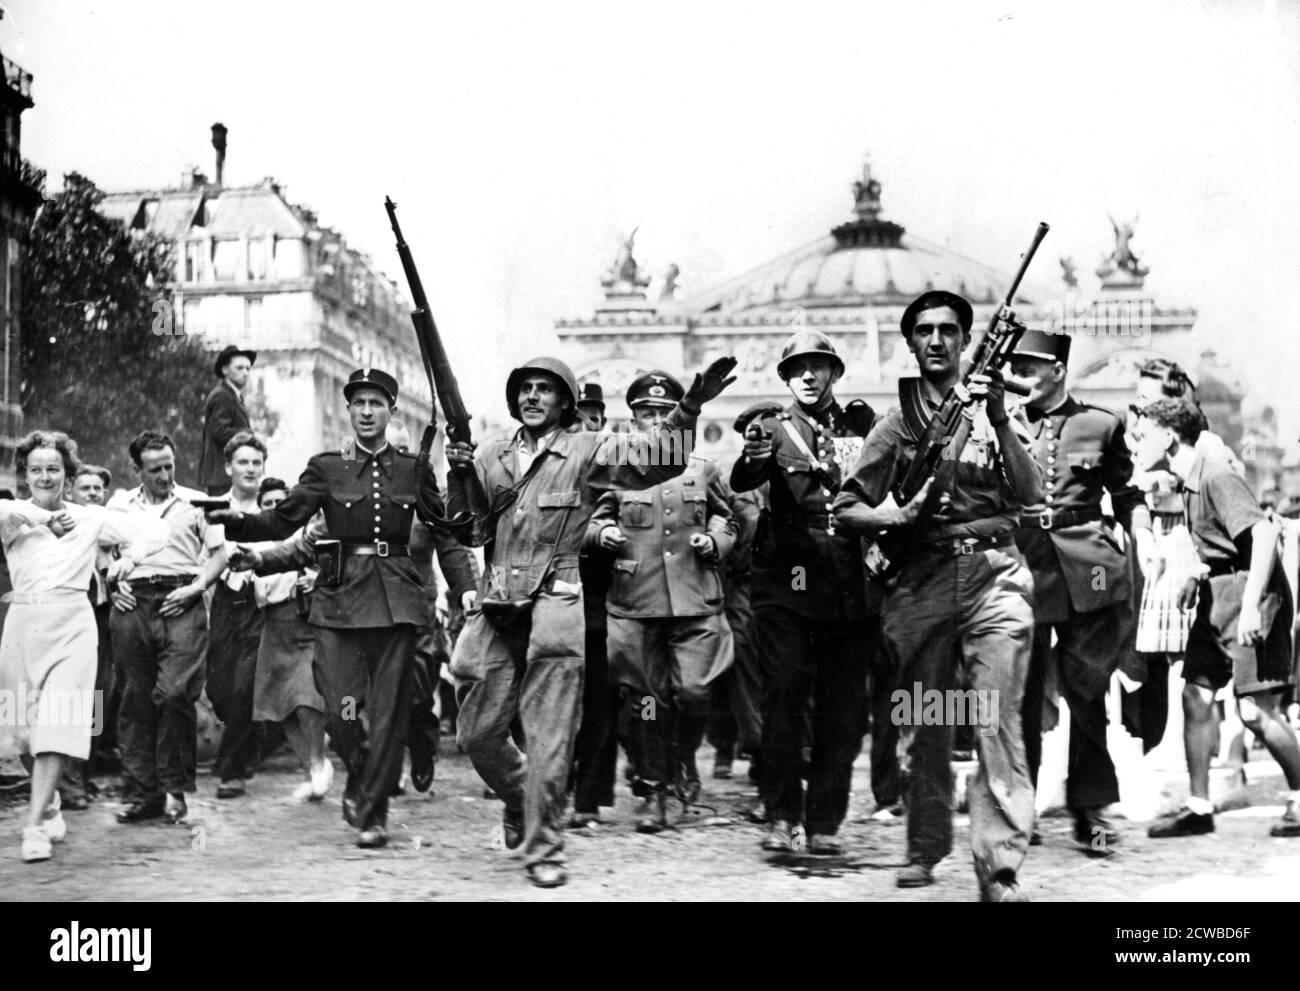 Liberación de París, 25 de agosto de 1944. Gendarmes, soldados y combatientes de la resistencia escoltando a prisioneros alemanes a través de multitudes de civiles jubilosos frente a la Ópera. El fotógrafo es desconocido. Foto de stock